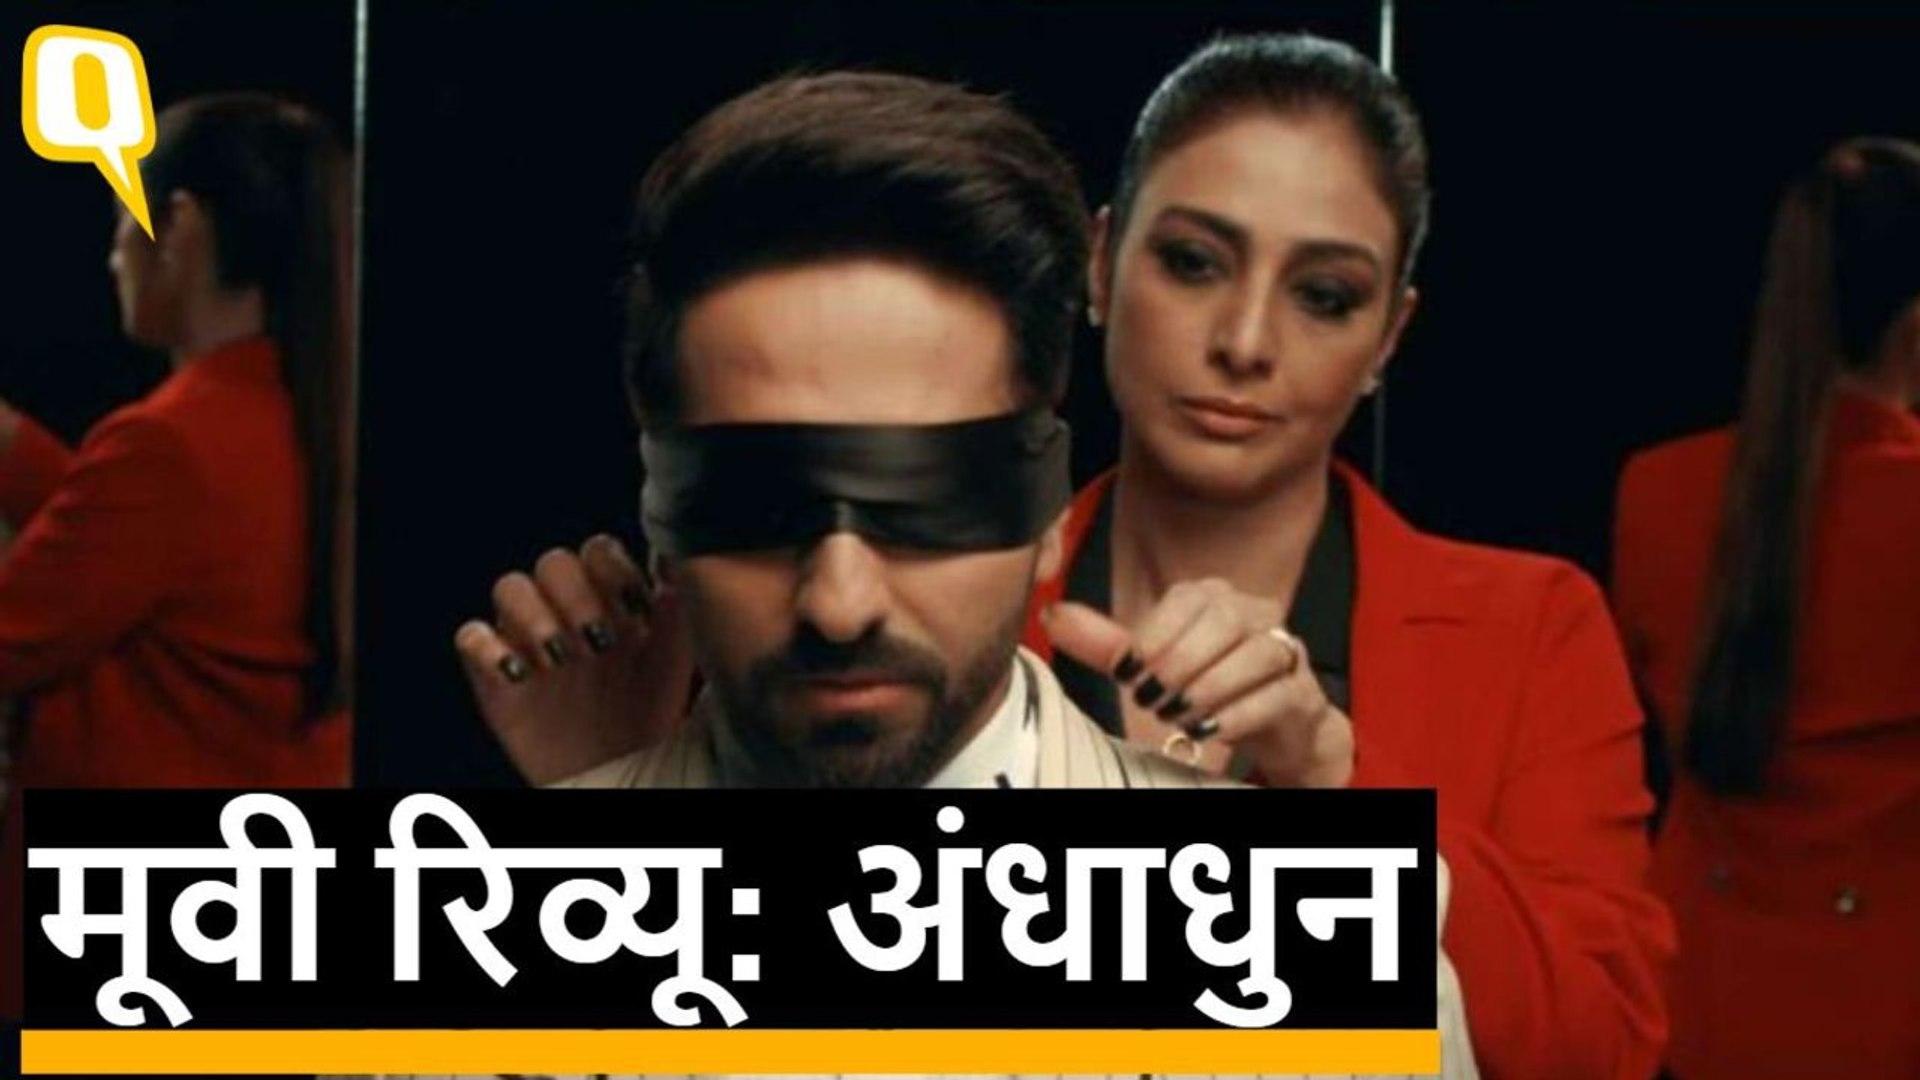 Andhadhun Movie Review: Ayushmann Khurrana, Radhika Apte, Tabu, Zakir Hussain